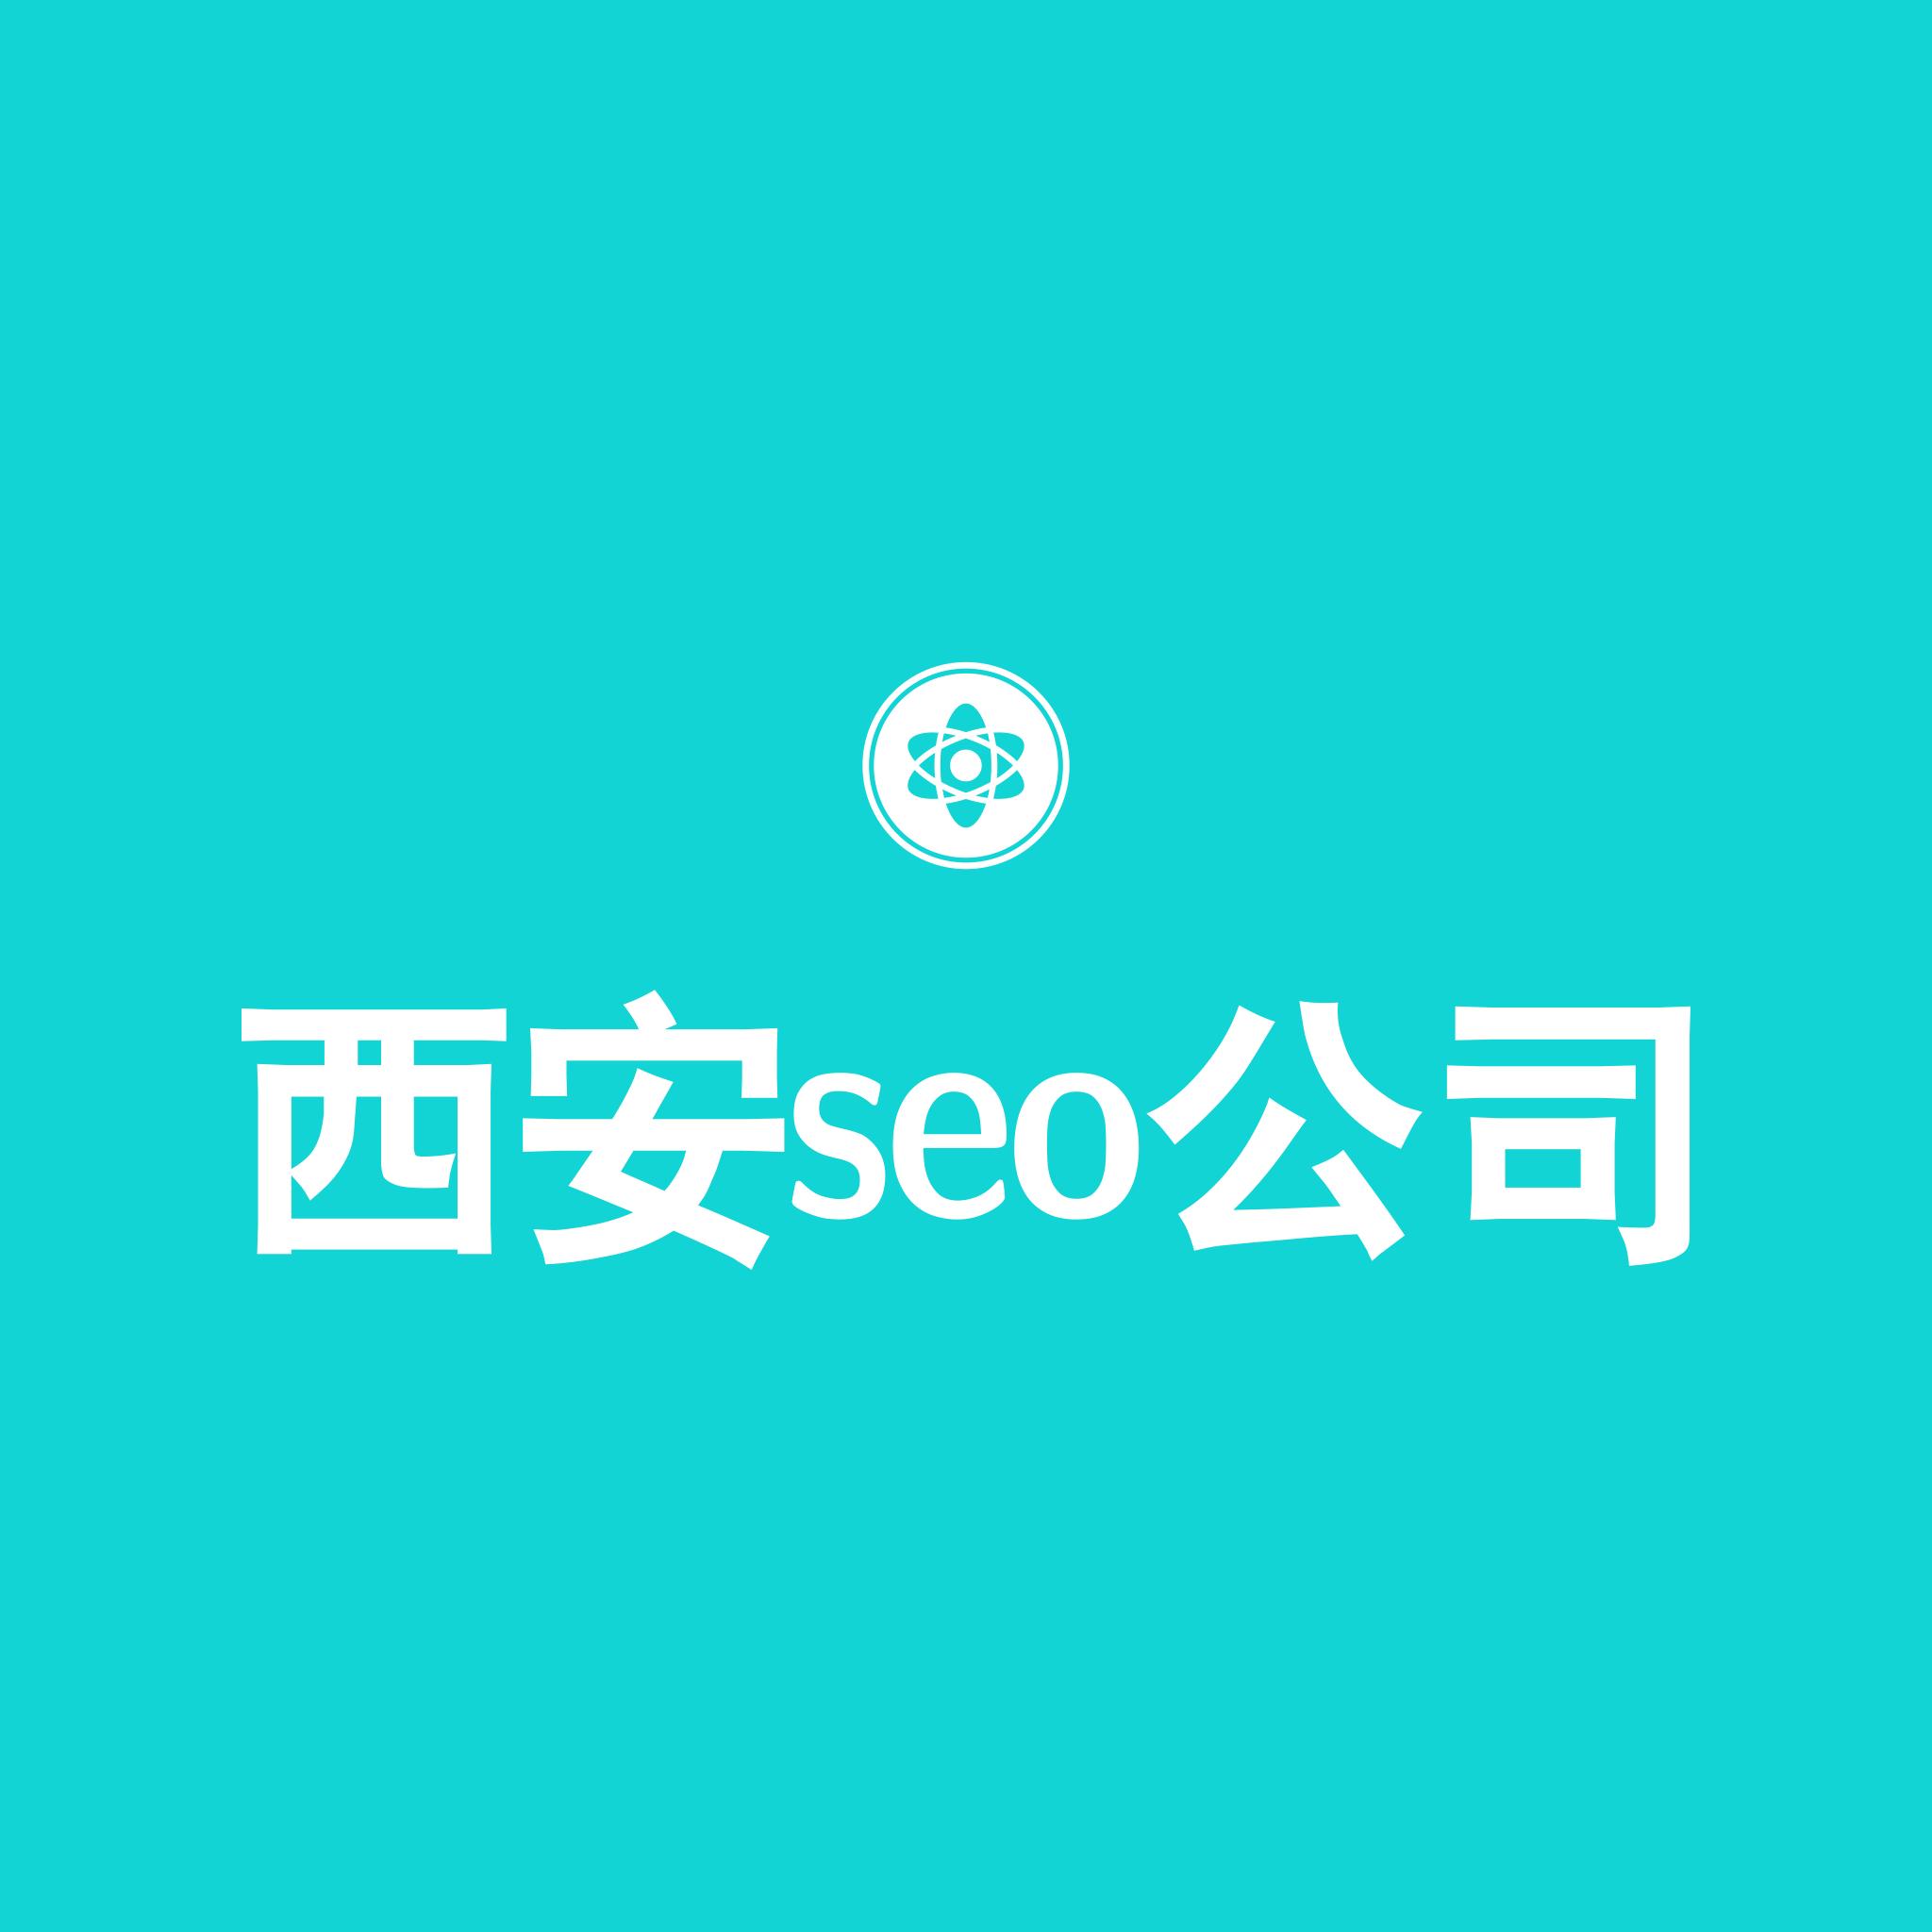 西安教育行业推广公司